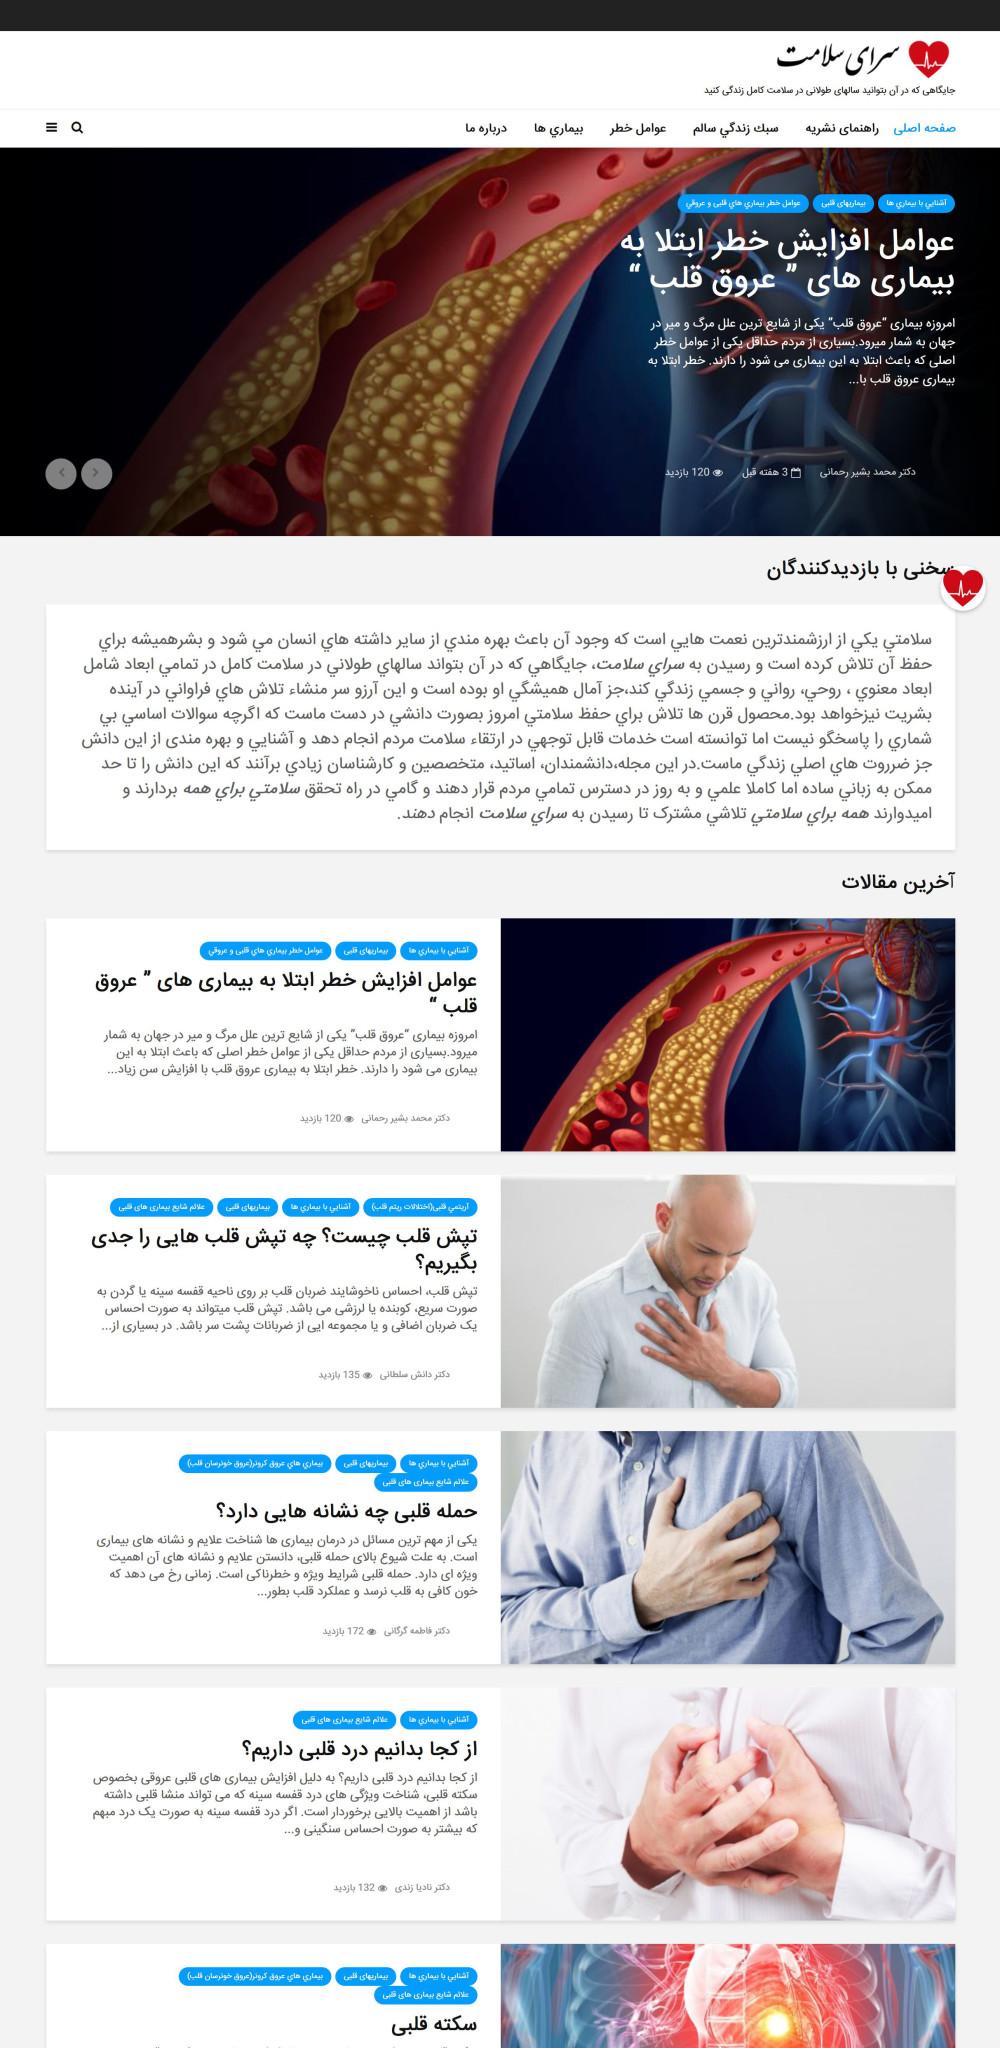 FireShot Screen Capture #003 - 'صفحه اصلی سرای سلامت - مجله علمی-ترویجی سرای سلامت' - sarayeh-salamat_ir